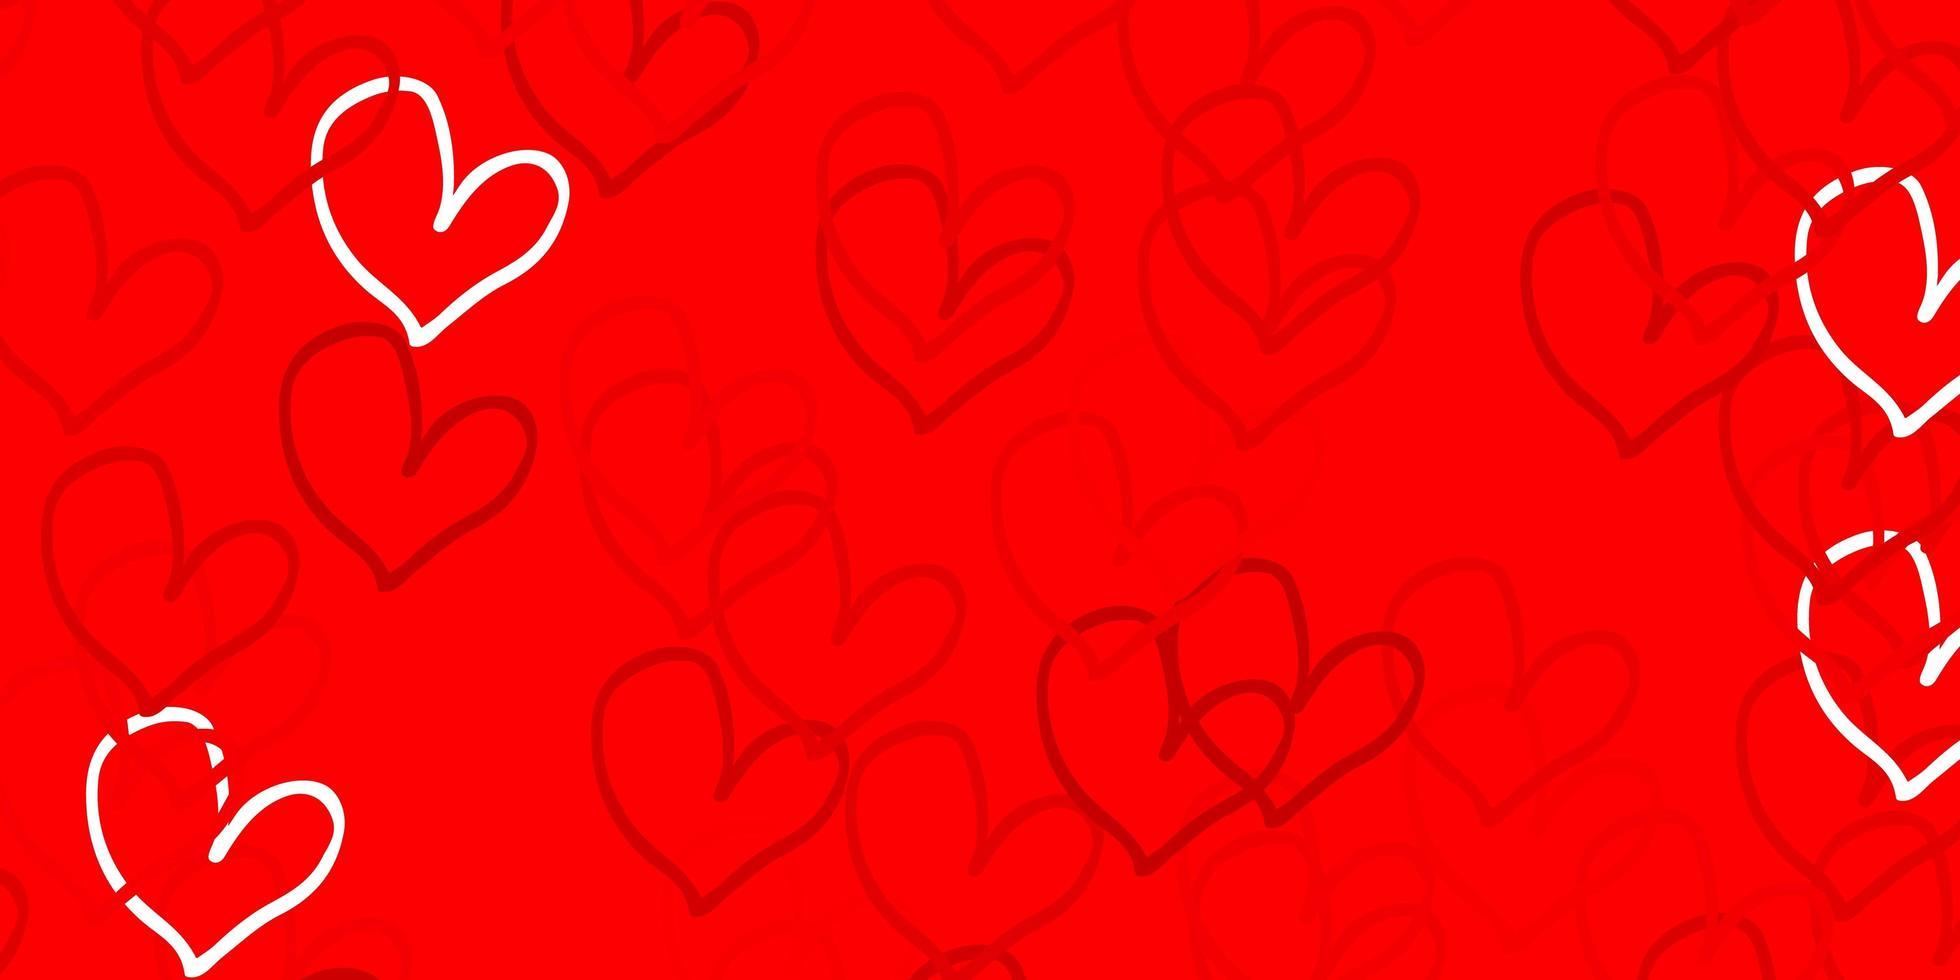 fond de vecteur rouge clair avec des coeurs.